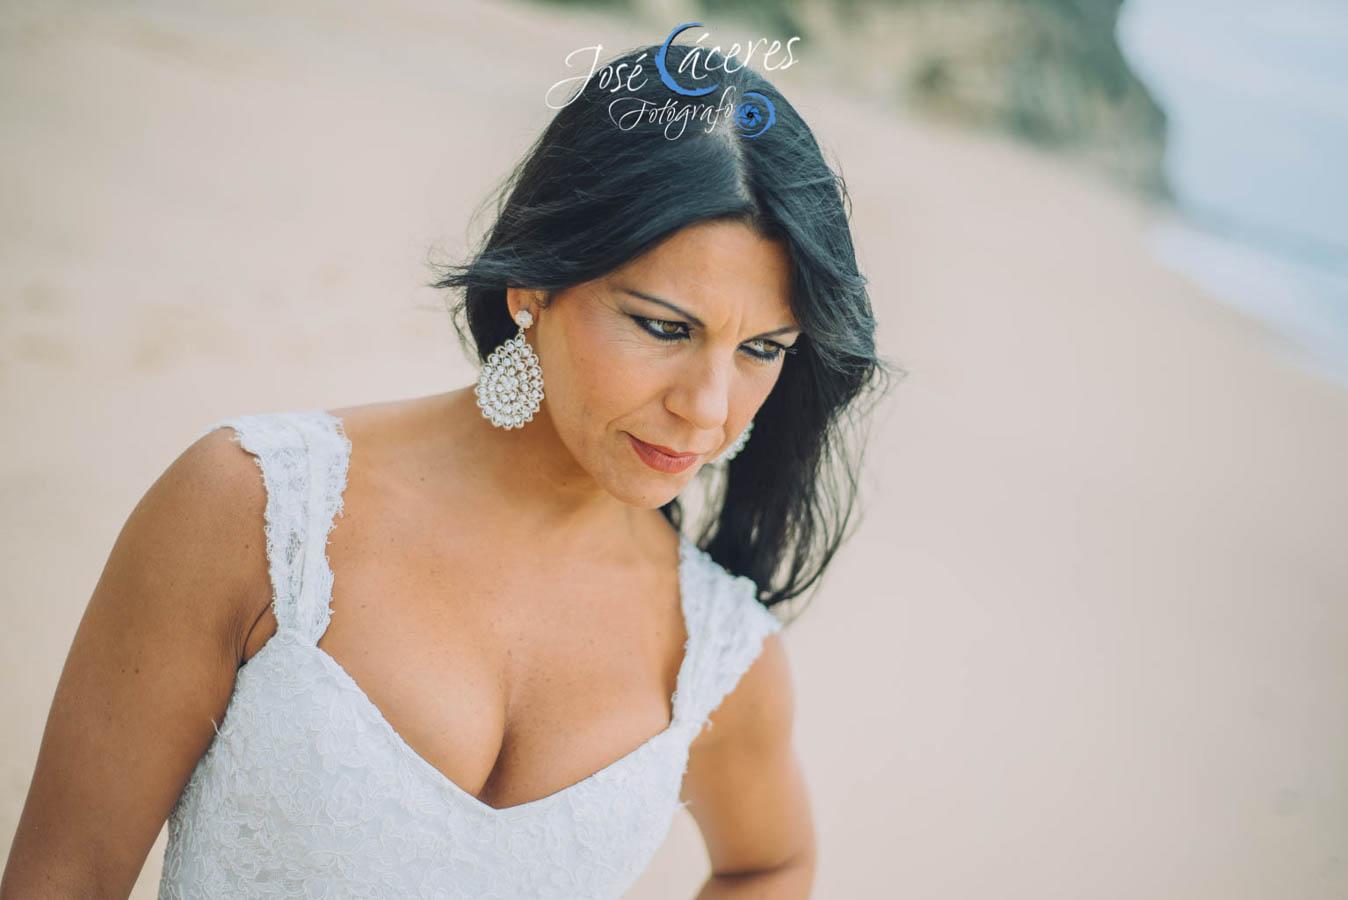 Sesion fotografica de jose caceres fotografia, post boda leticia y jose luis, playas-3